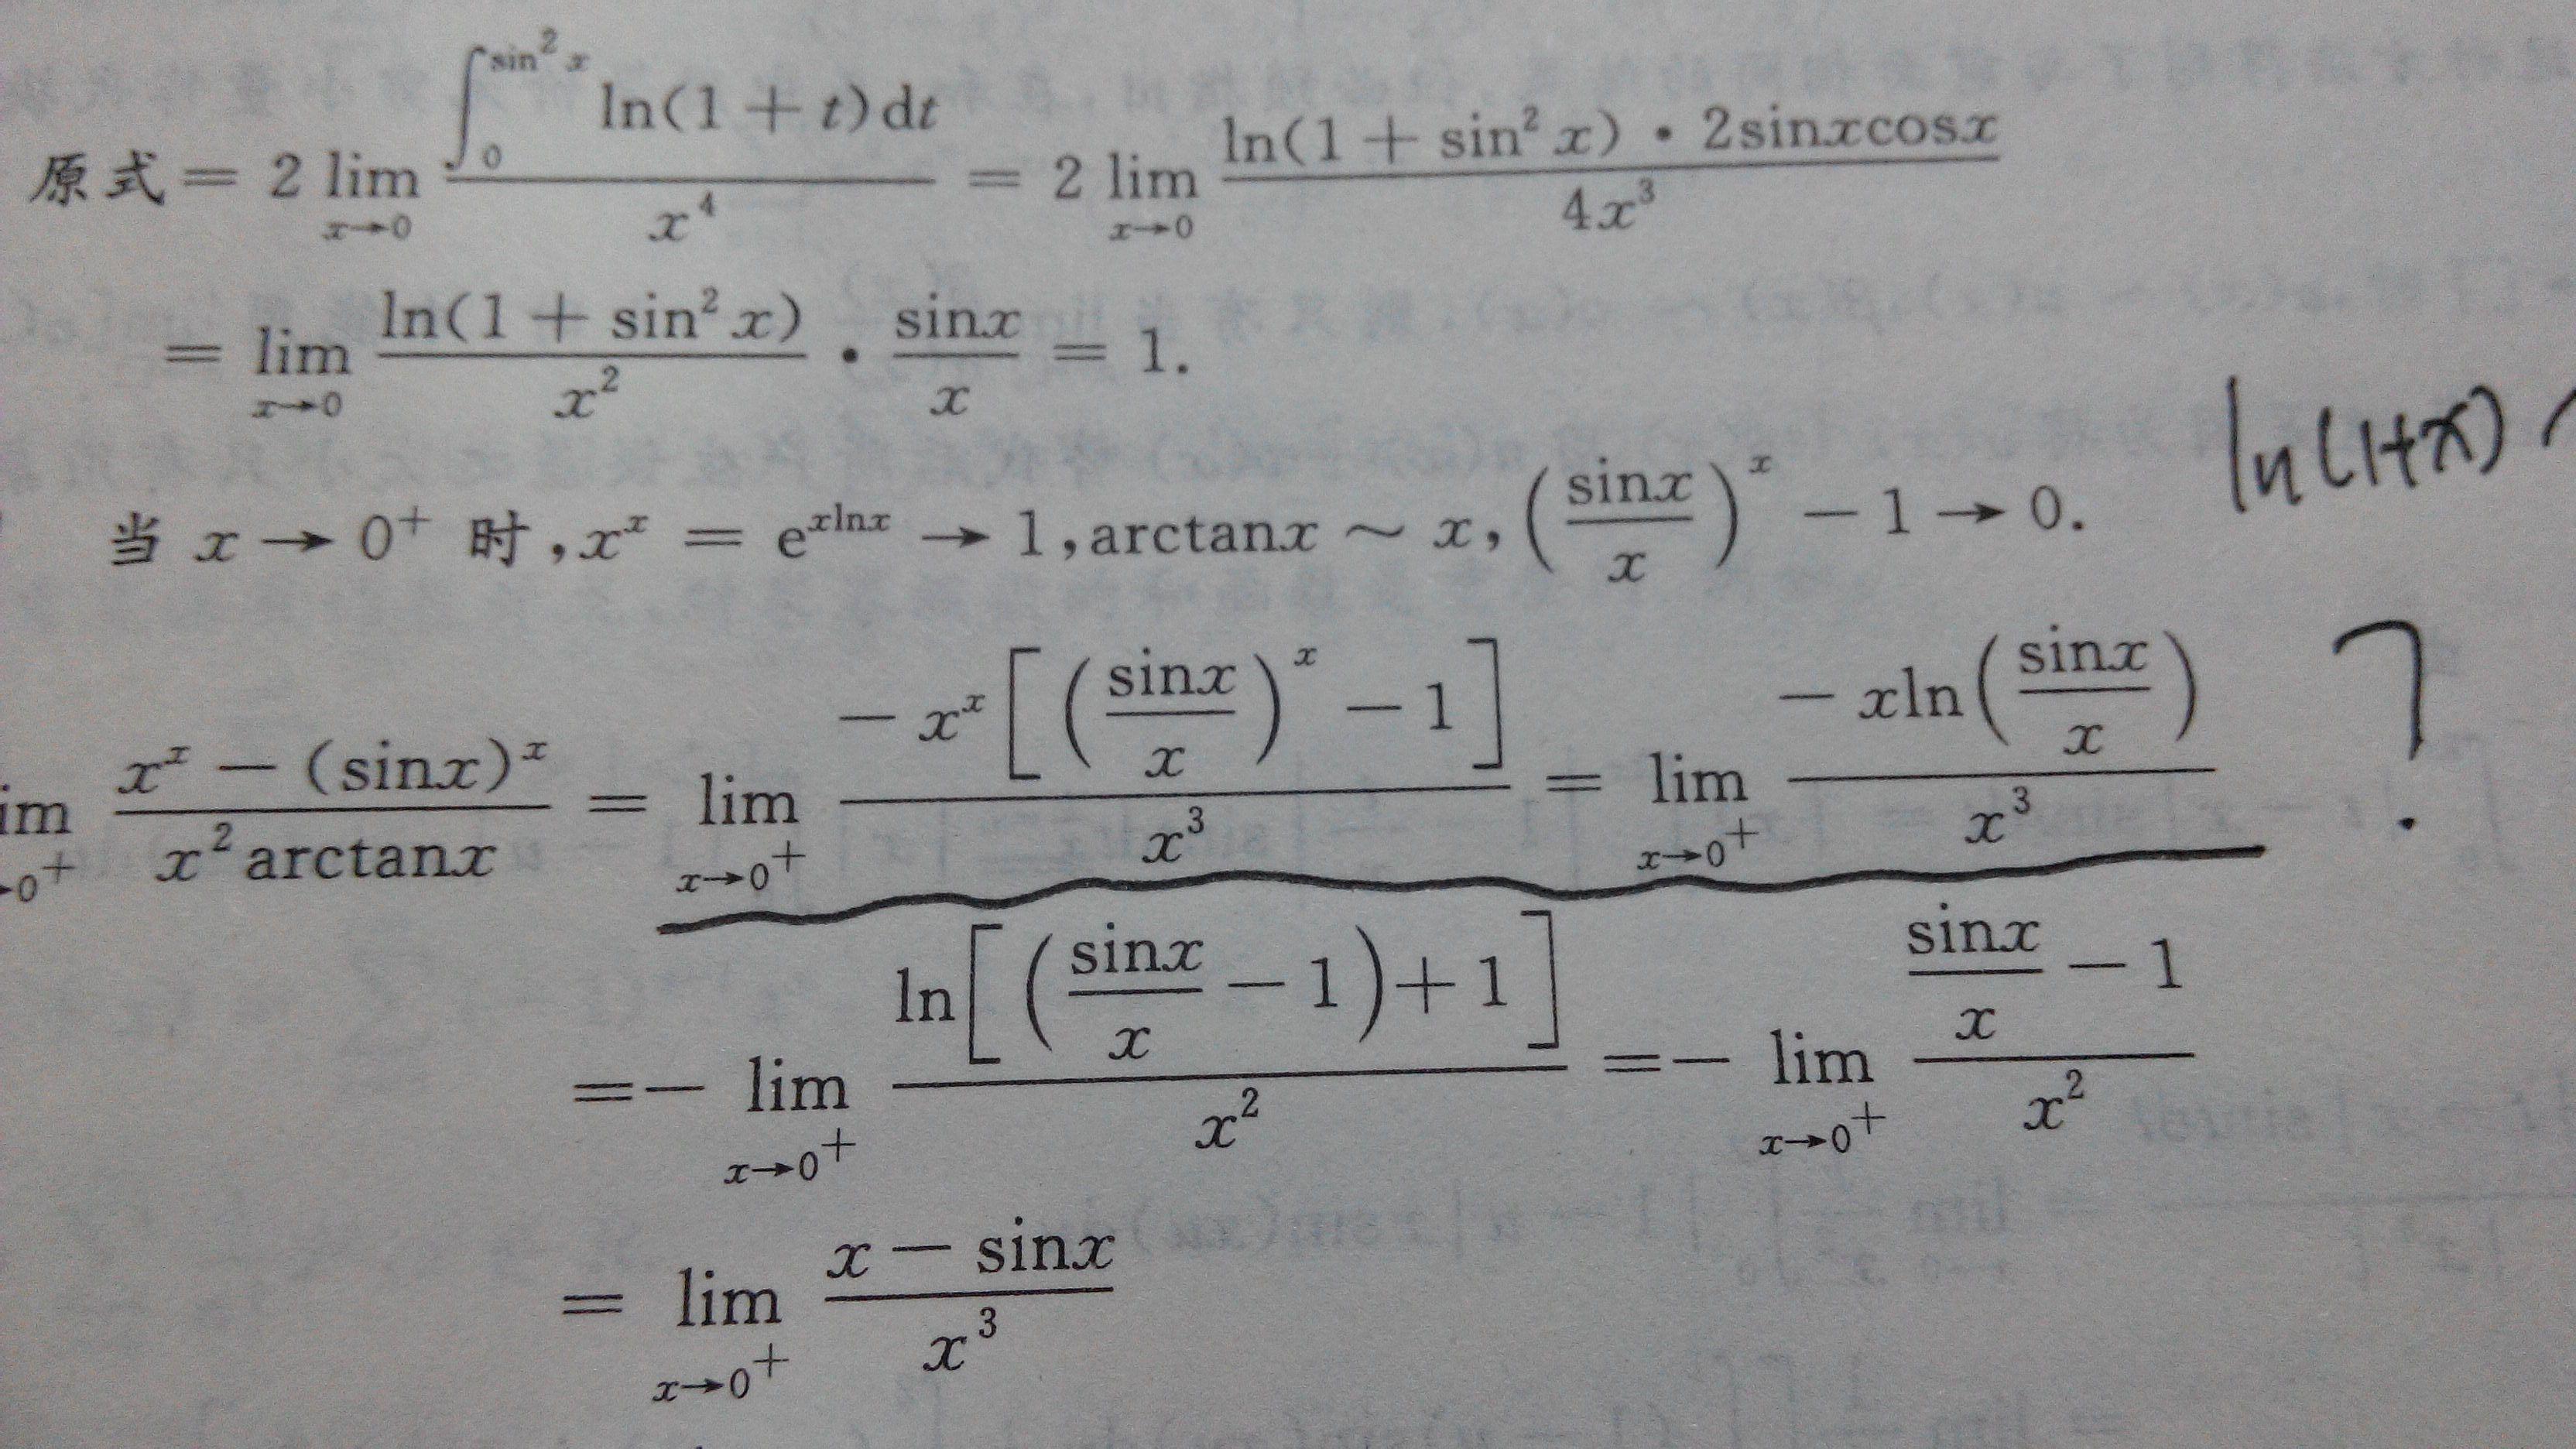 �yf�y�#��'�`f��,y��x�~�xn�)_若f(x)是(a,b)上的无界函数,则存在(a,b)内的数列{xn}使得f(xn)无界